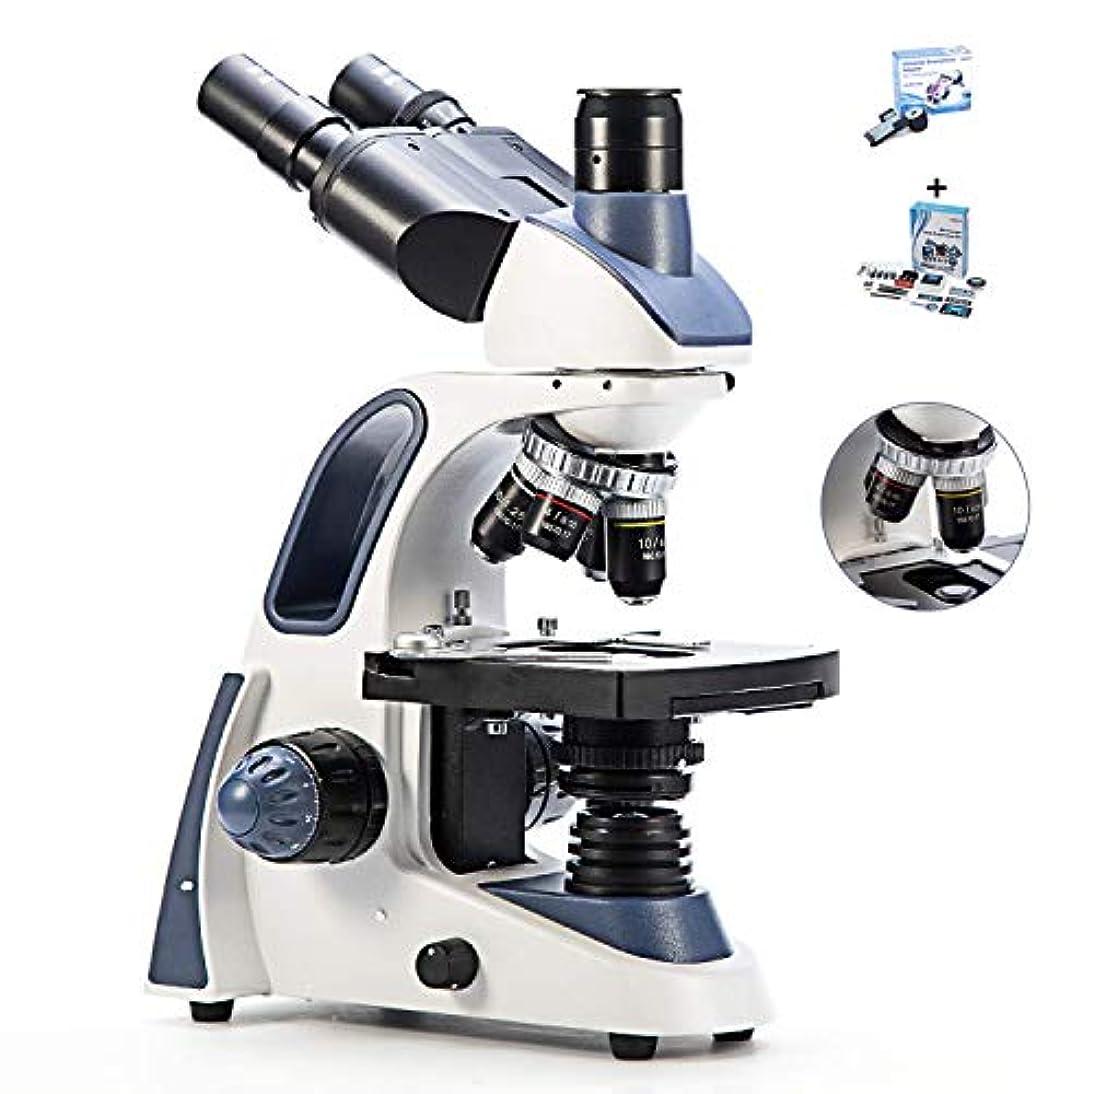 ひも十代どっち複眼双眼顕微鏡 学生用顕微鏡拡大鏡 40倍?2500倍の倍率、 メカニカルステージ、 超精密フォーカシング、 広視野10倍および25倍接眼レンズ付き